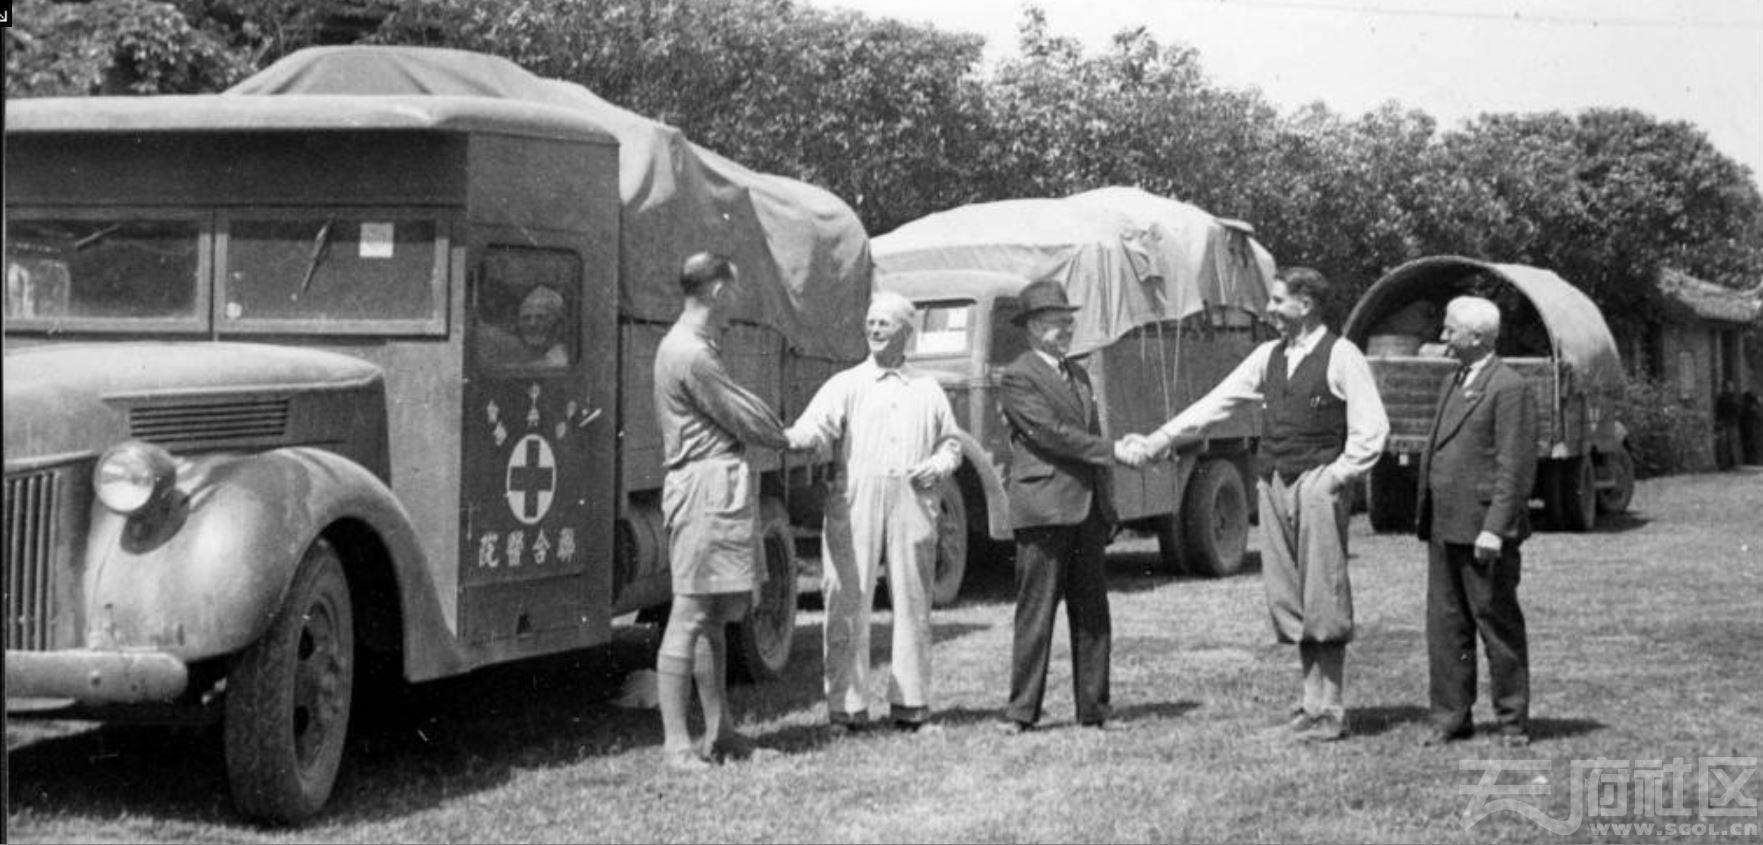 16 华西大学 华西医院 医用物资的交接 ca.1941.JPG